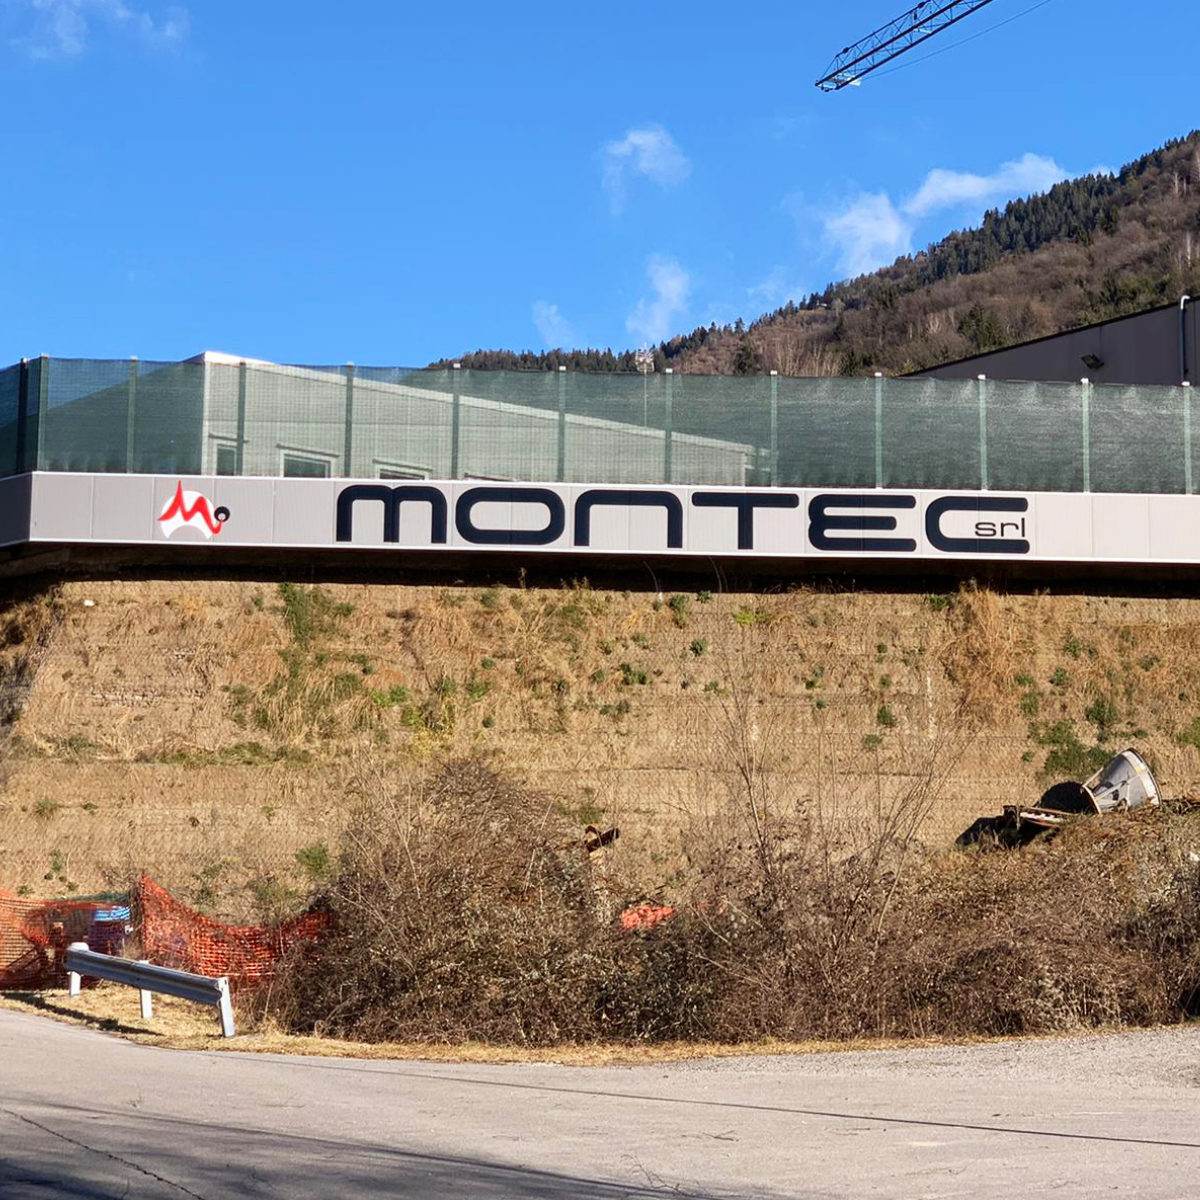 Progettazione grafica e realizzazione insegna per Montec (Cerete Bergamo)